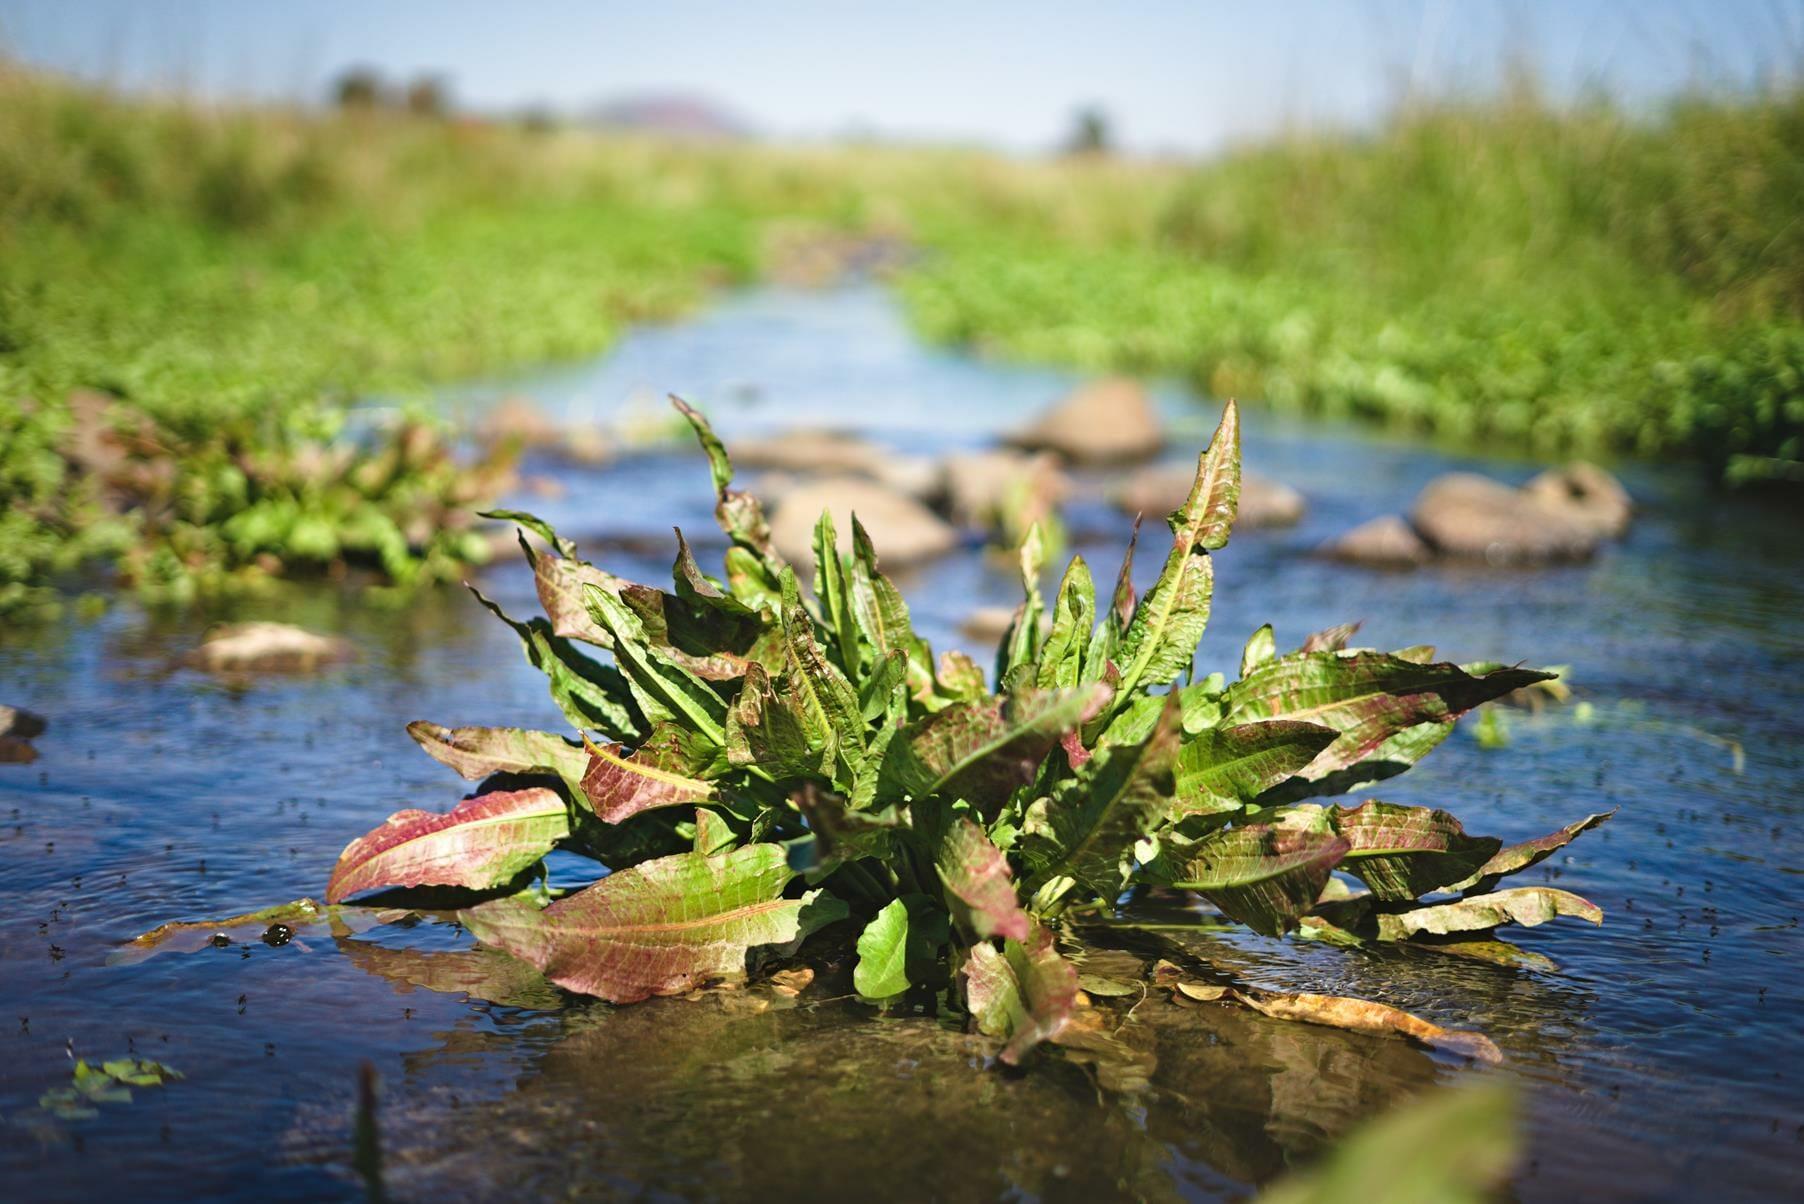 צמחי מים בנחל דליות ליד רוג'ום אל הירי, שביל הגולן, טיול משפחה וילדים, צילום: יוסי אביטל